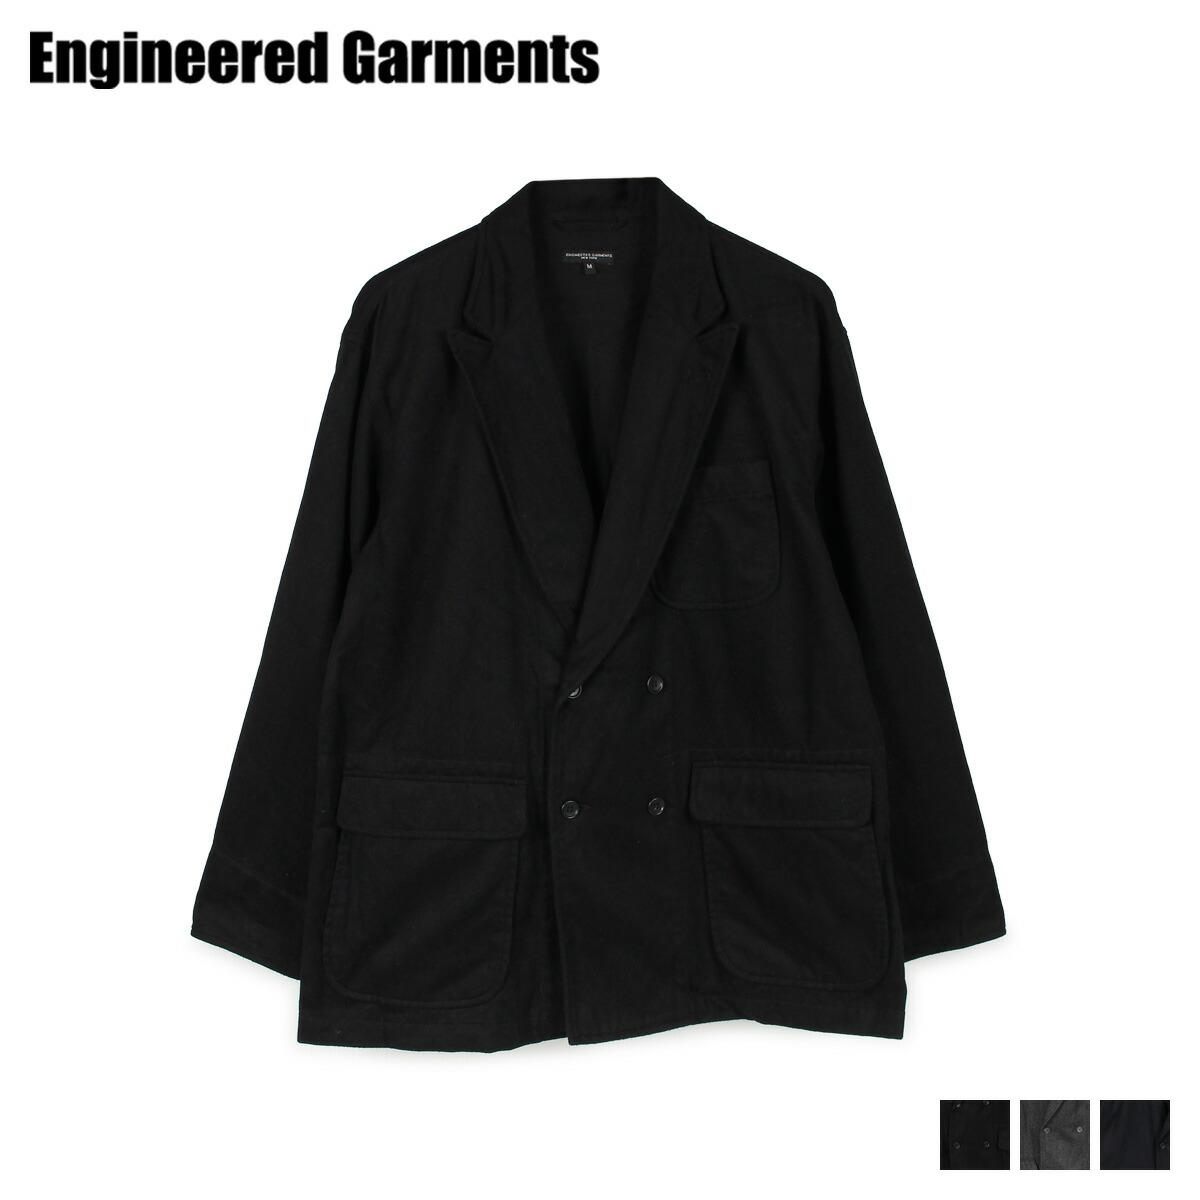 ENGINEERED GARMENTS エンジニアドガーメンツ ジャケット メンズ DL JACKET ブラック グレー ネイビー 黒 19FD003